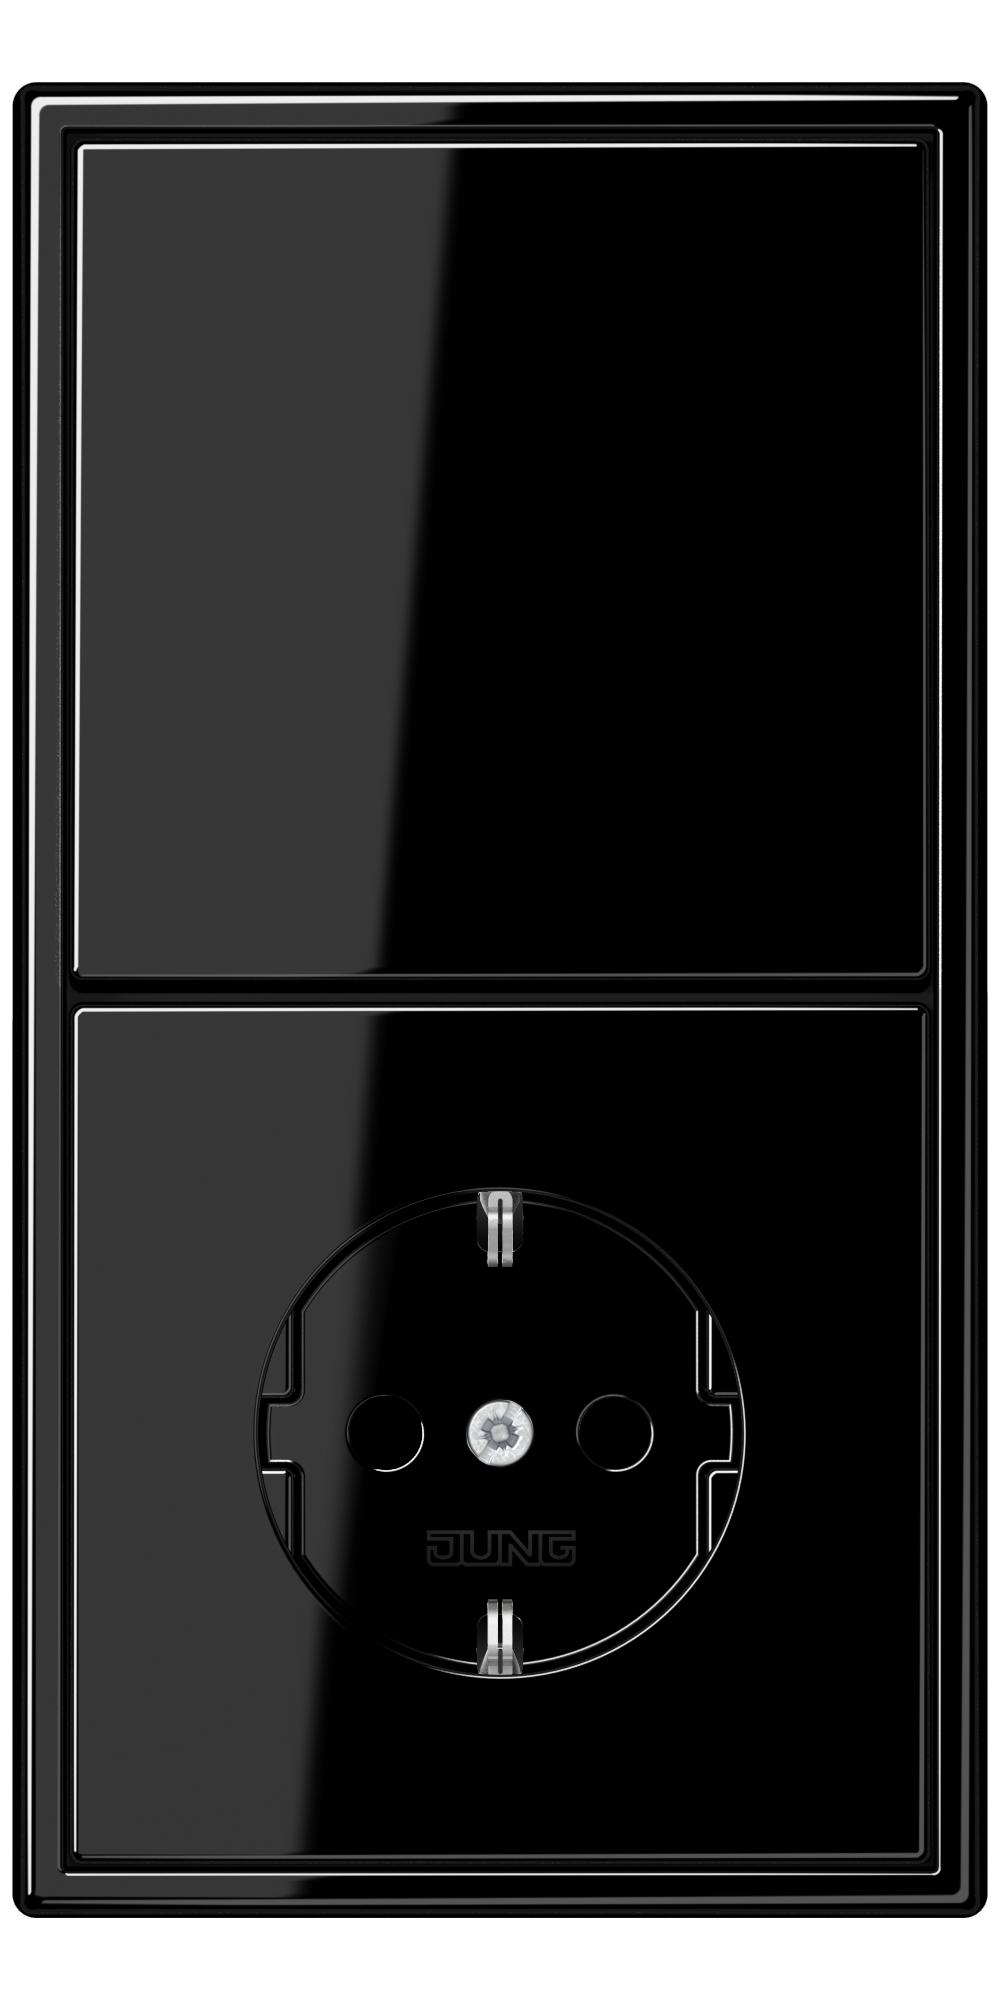 LS 990 Negro frontal (Jung)